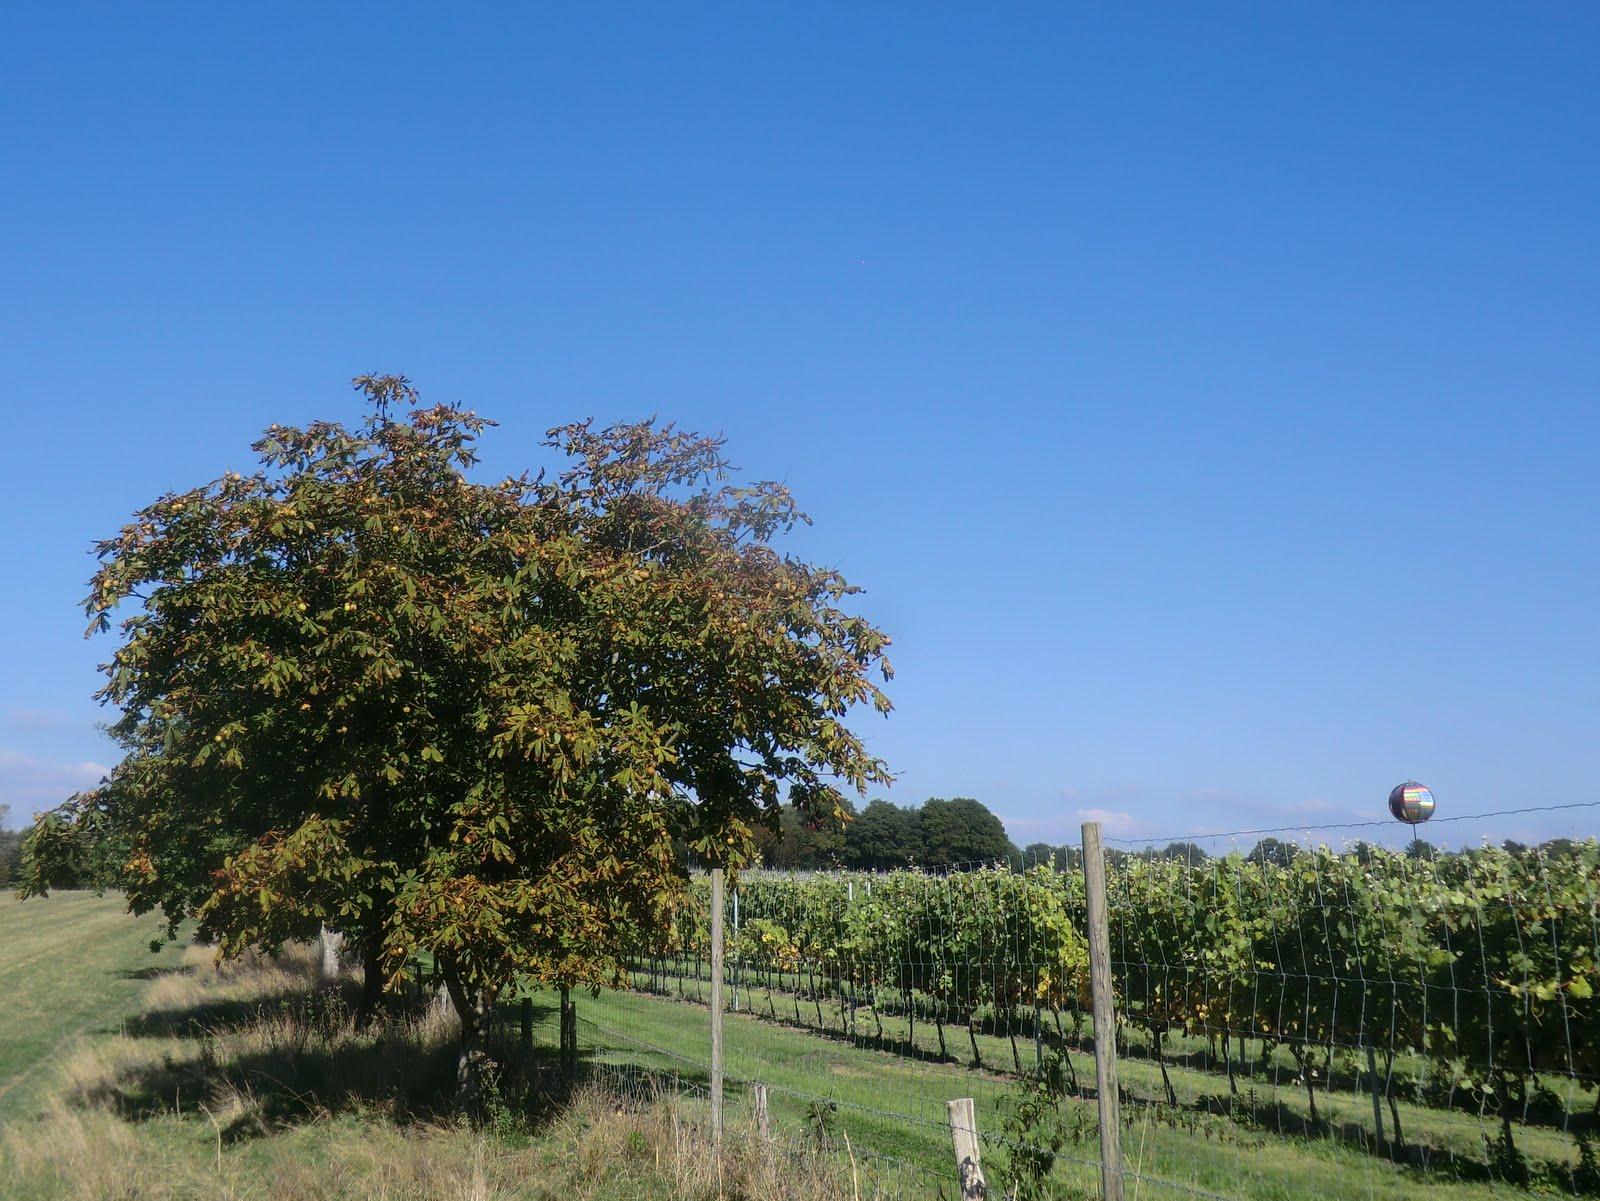 CIMG0652 Bluebell Vineyard